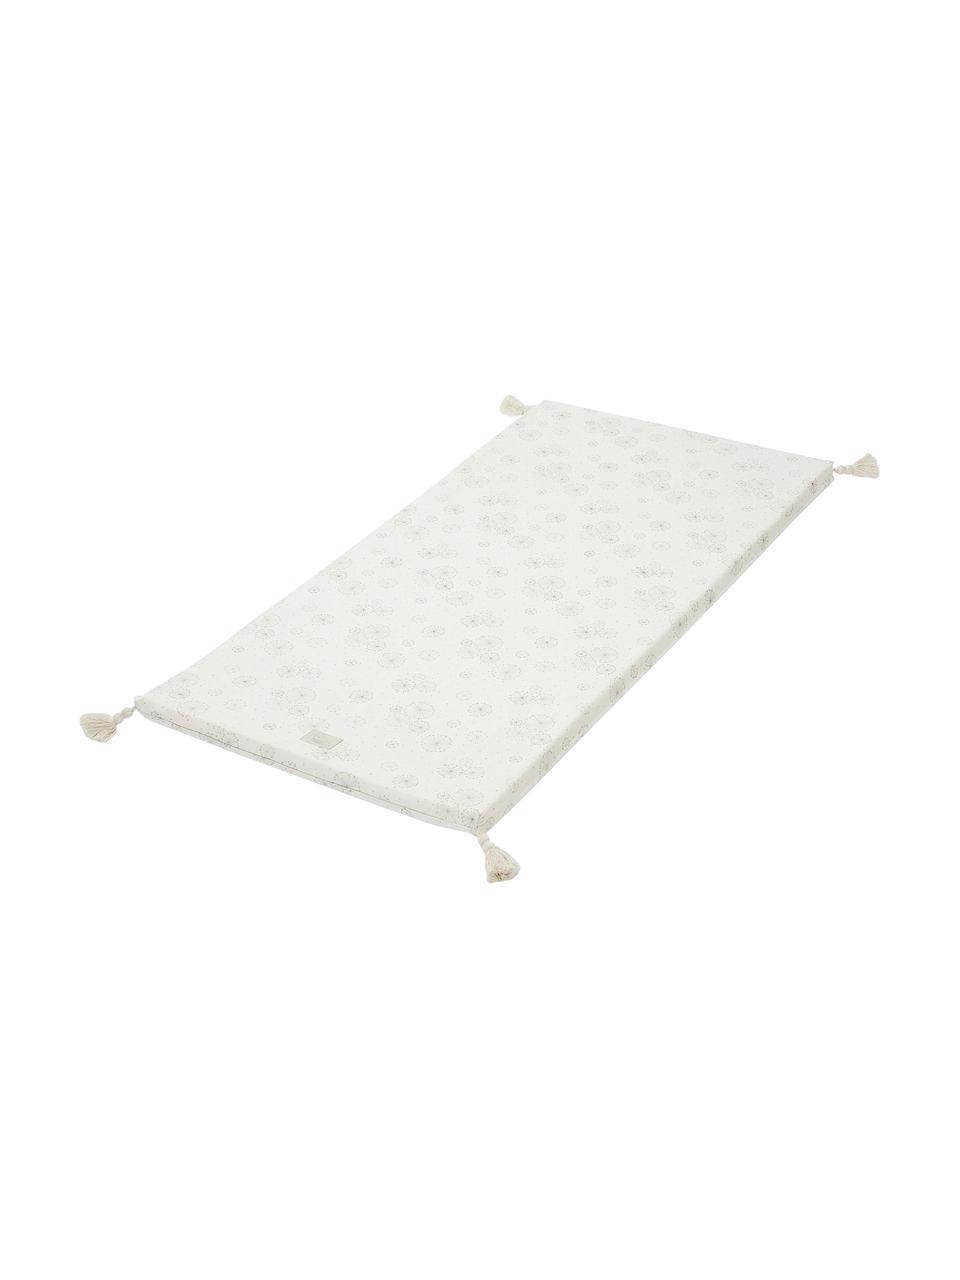 Spielmatte Dandelion aus Bio-Baumwolle, Bezug: 100% Biobaumwolle, OCS-ze, Creme, Beige, 60 x 120 cm